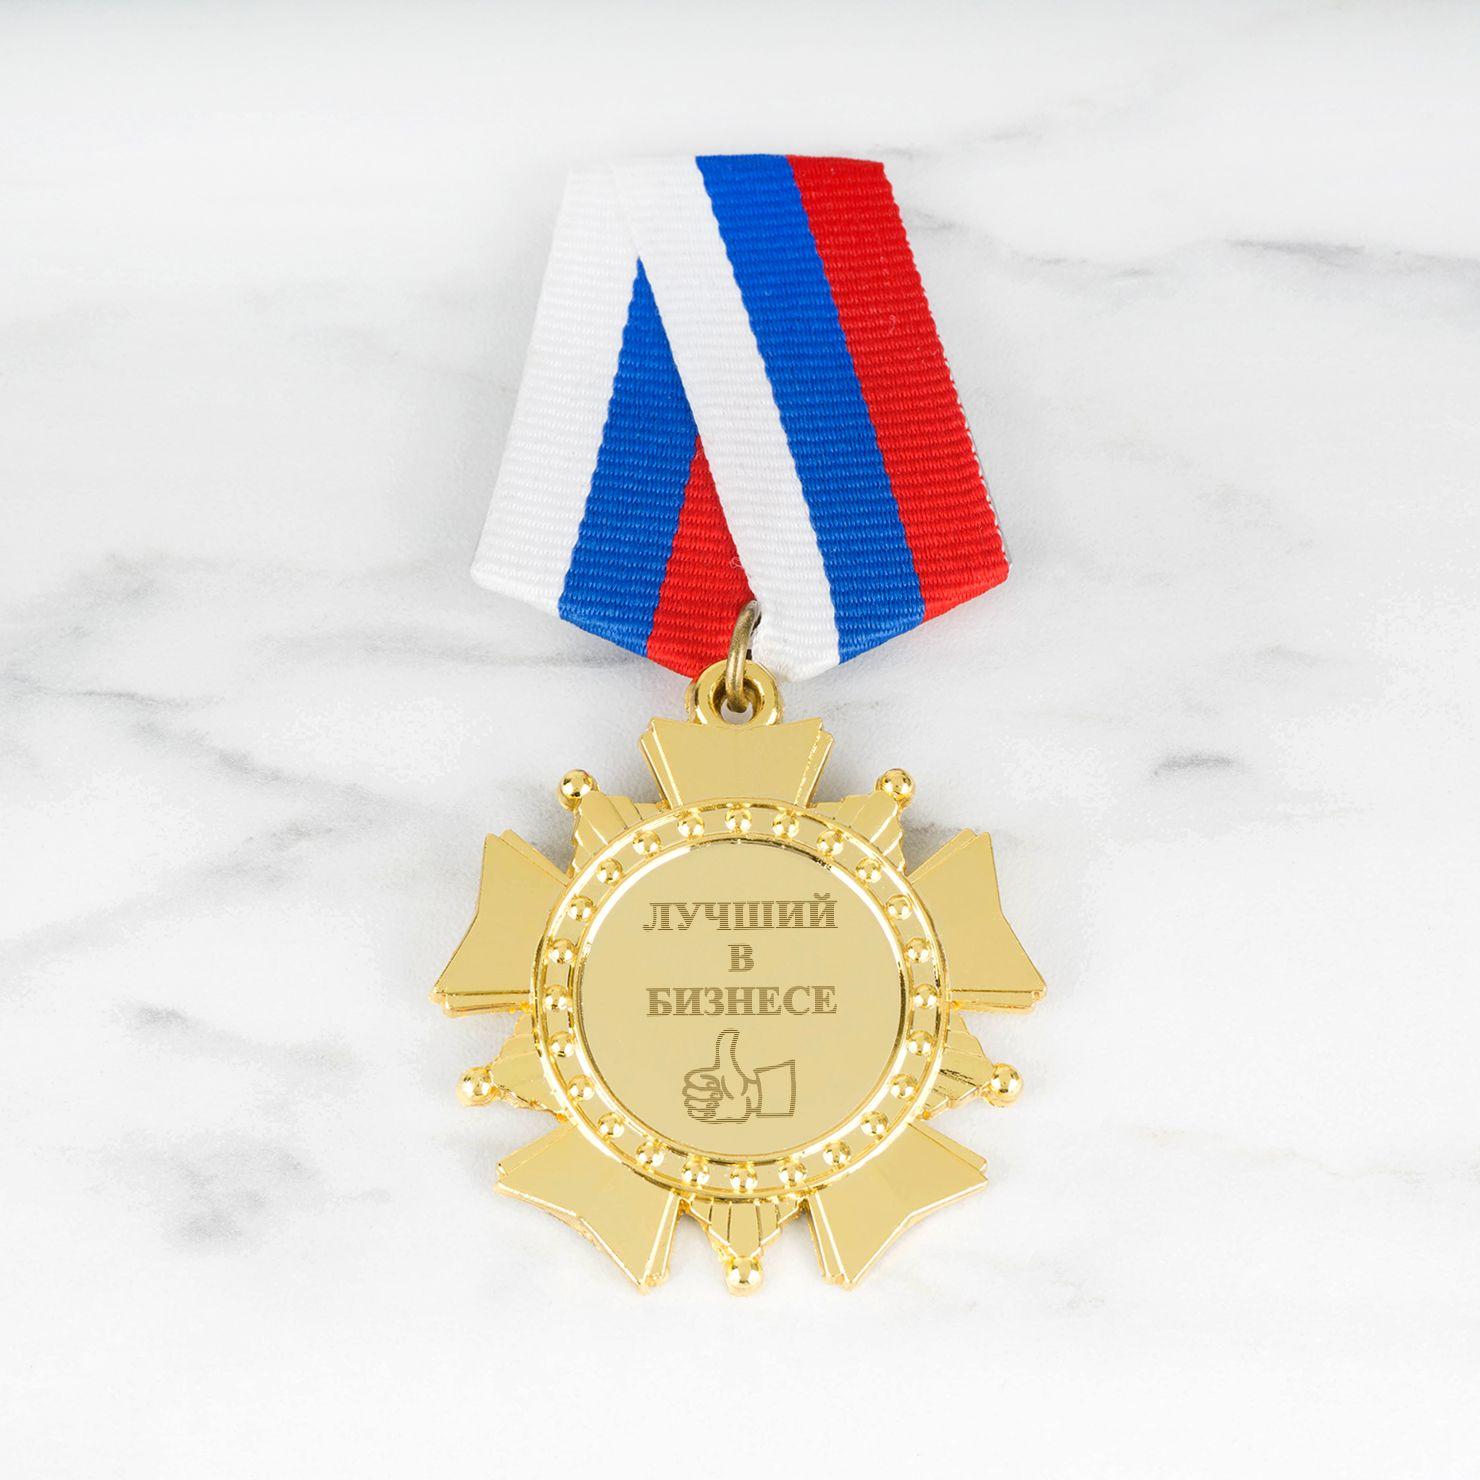 Орден *Лучший в бизнесе*